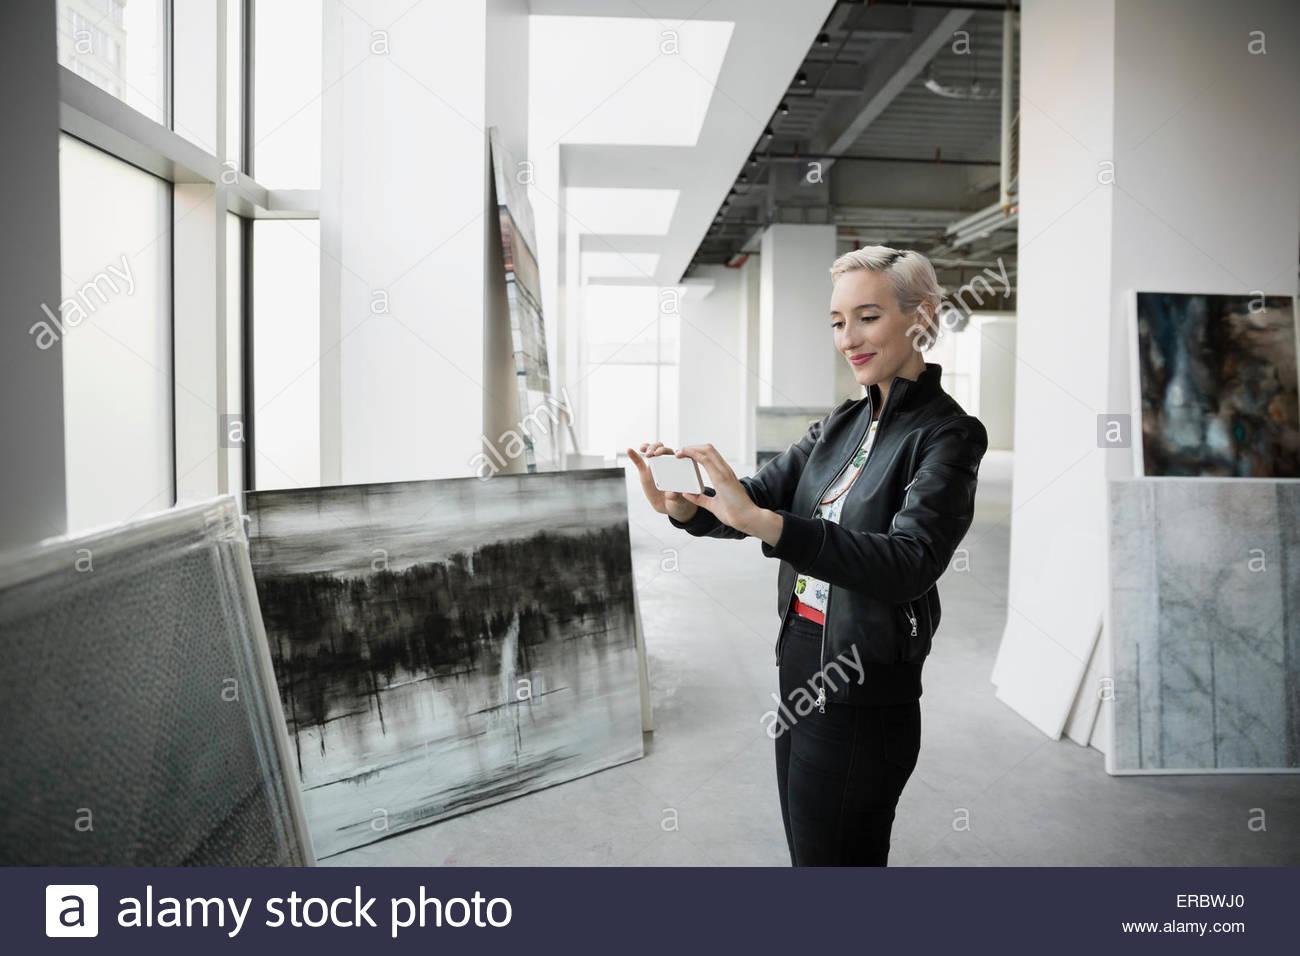 Kunsthändler fotografieren Gemälde mit Kamera-Handy Stockbild